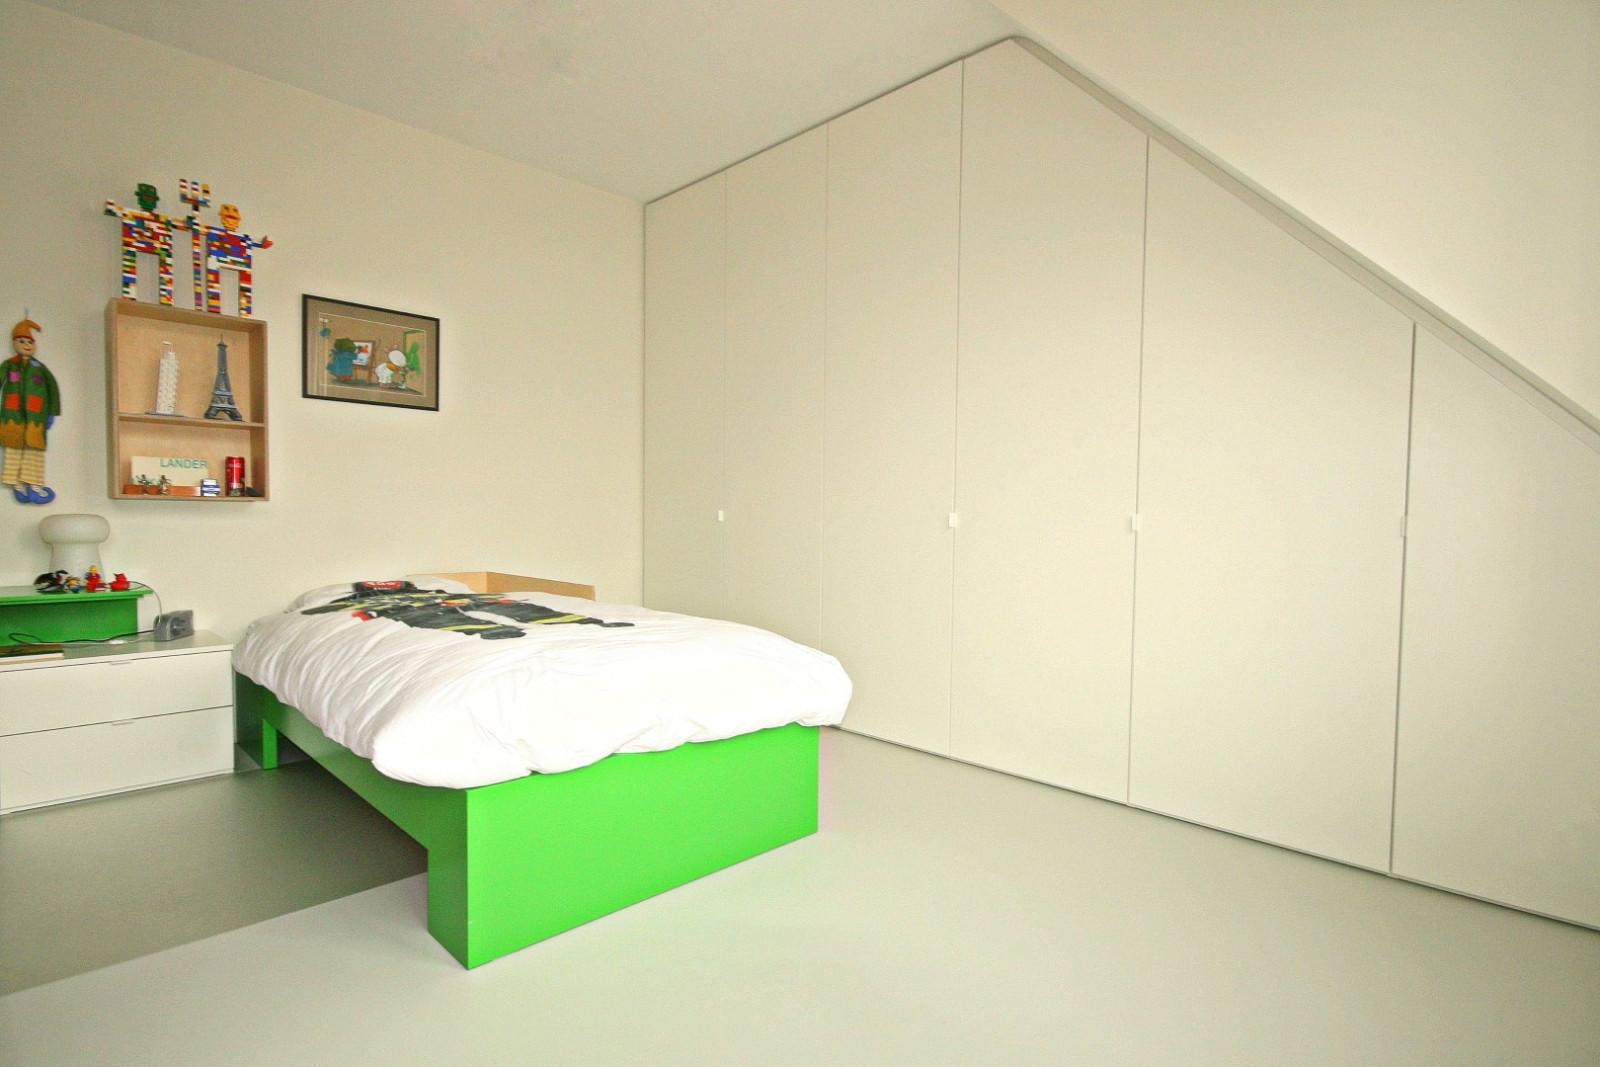 slaapkamerkasten op maat � kastid kasten meubelen